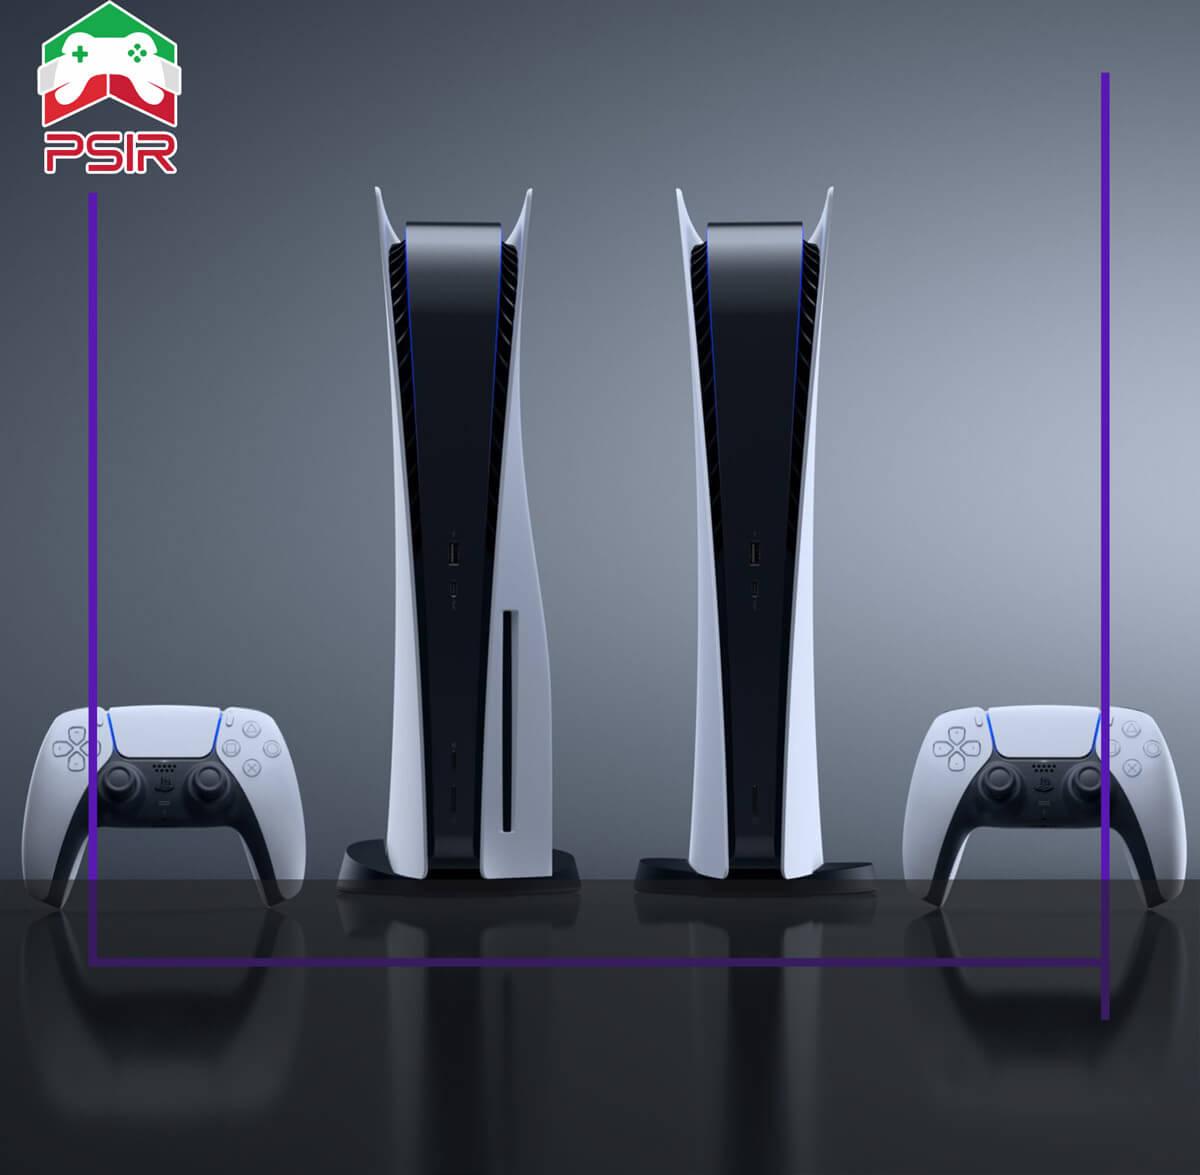 راهنمای خرید پلی استیشن 5 | PS5 standard (درایو دار) یا PS5 Digital Edition (دیجیتالی) کدام یک را بخریم ؟